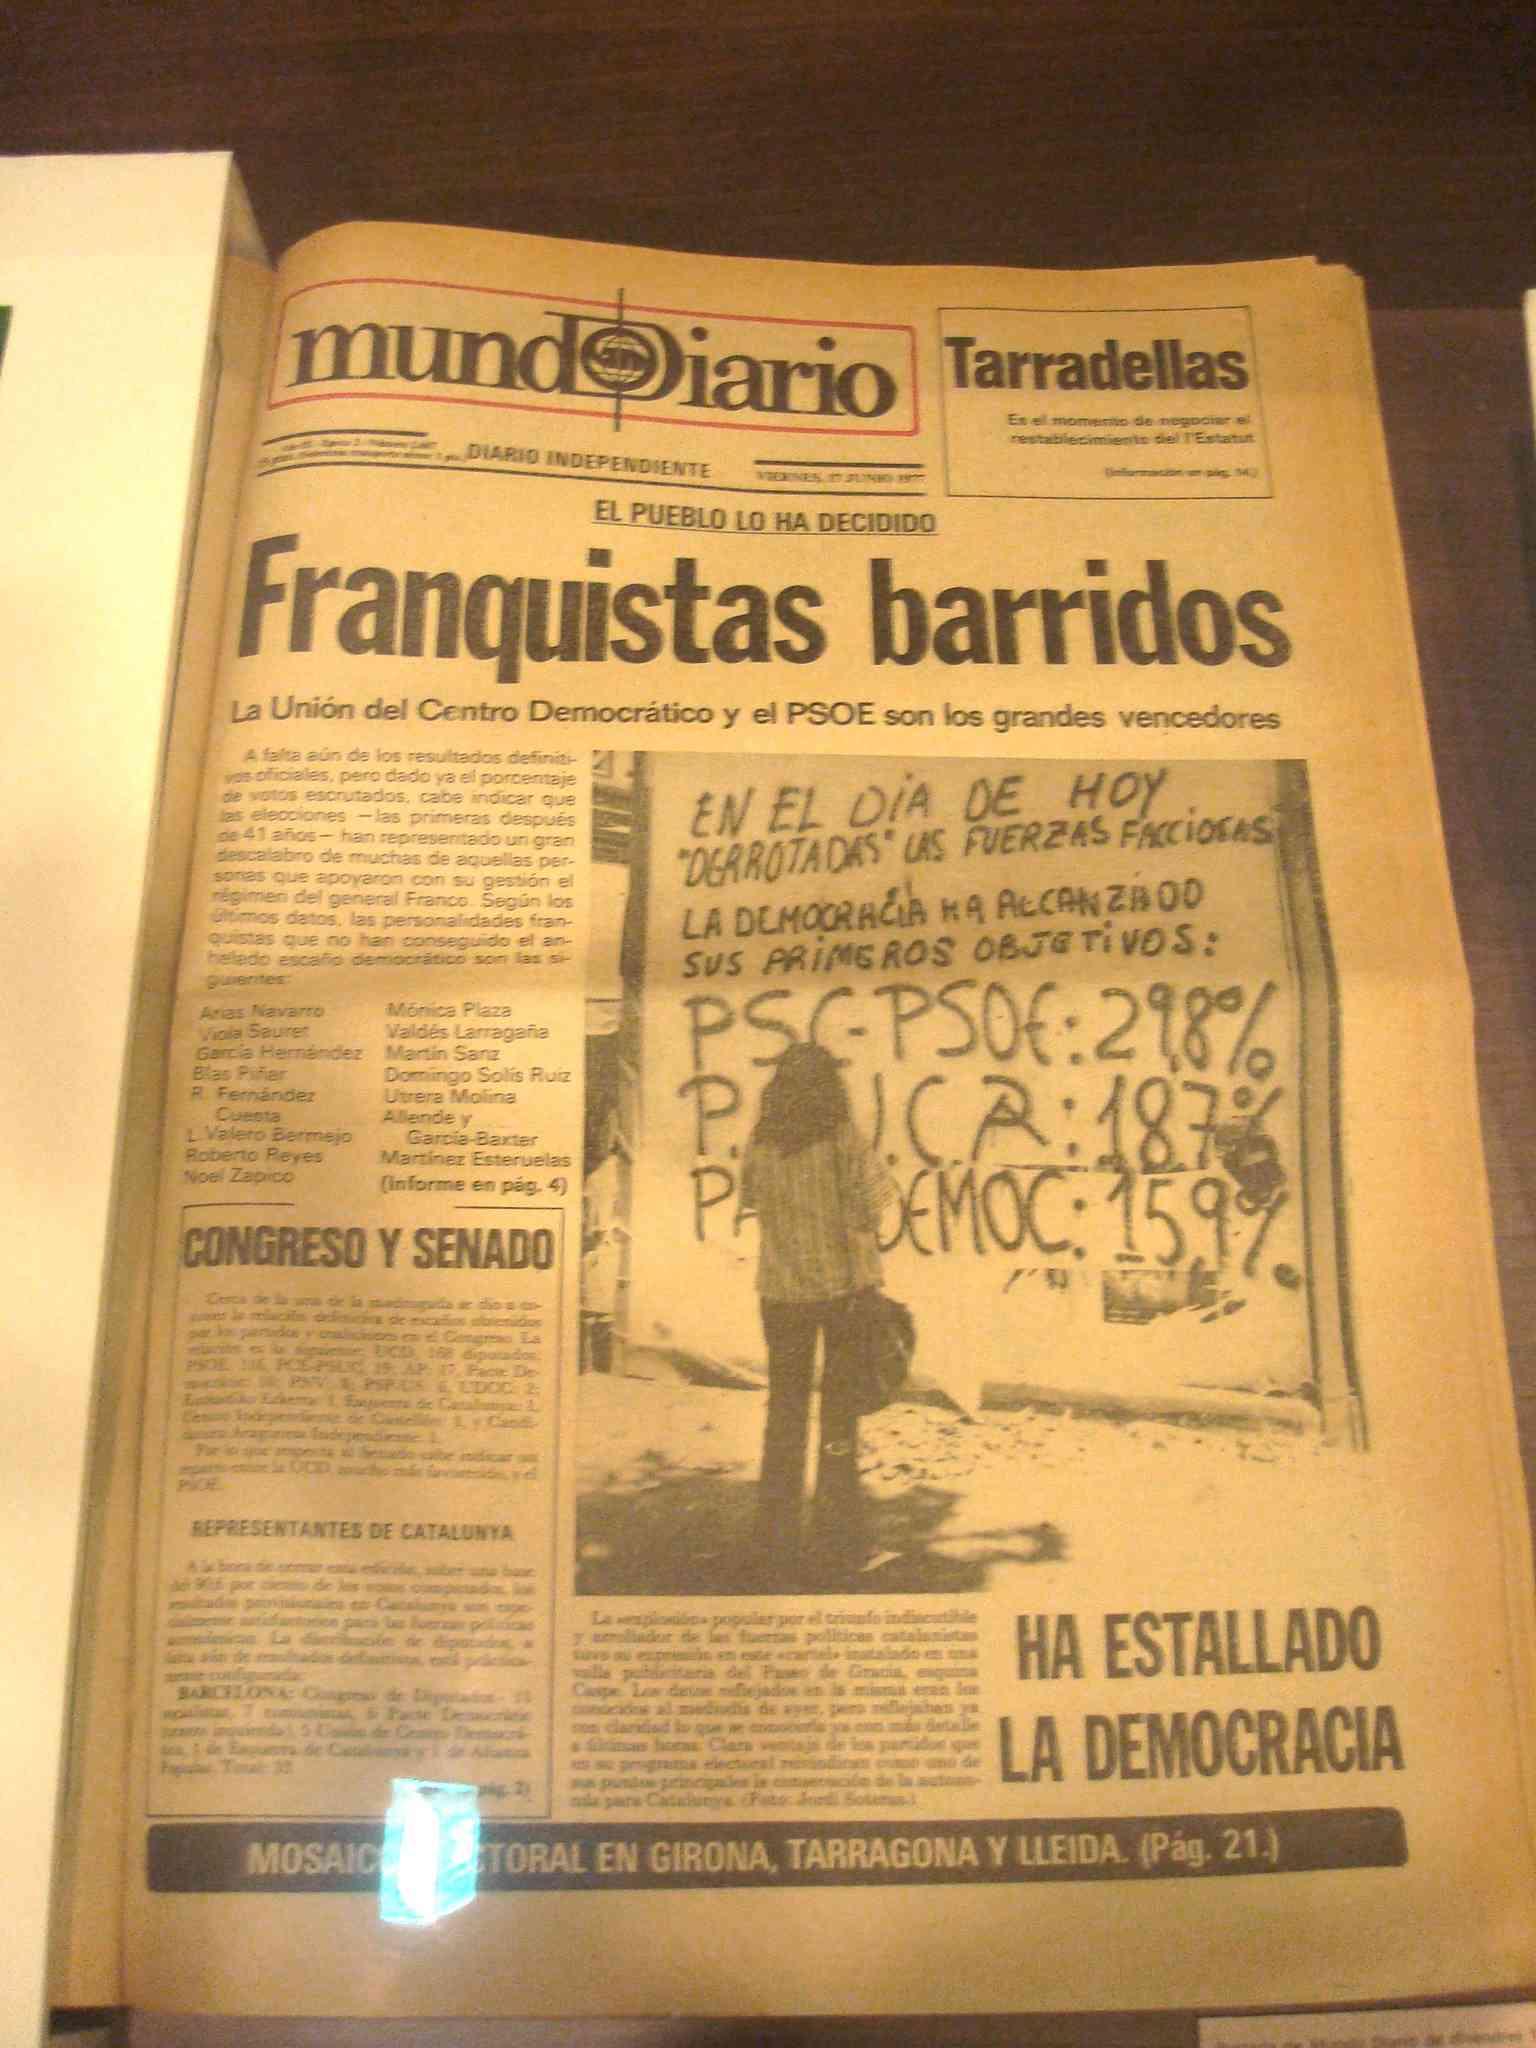 Portada del Mundo Diario del 27 de juny de 1977, anunciant el començament de la democràcia